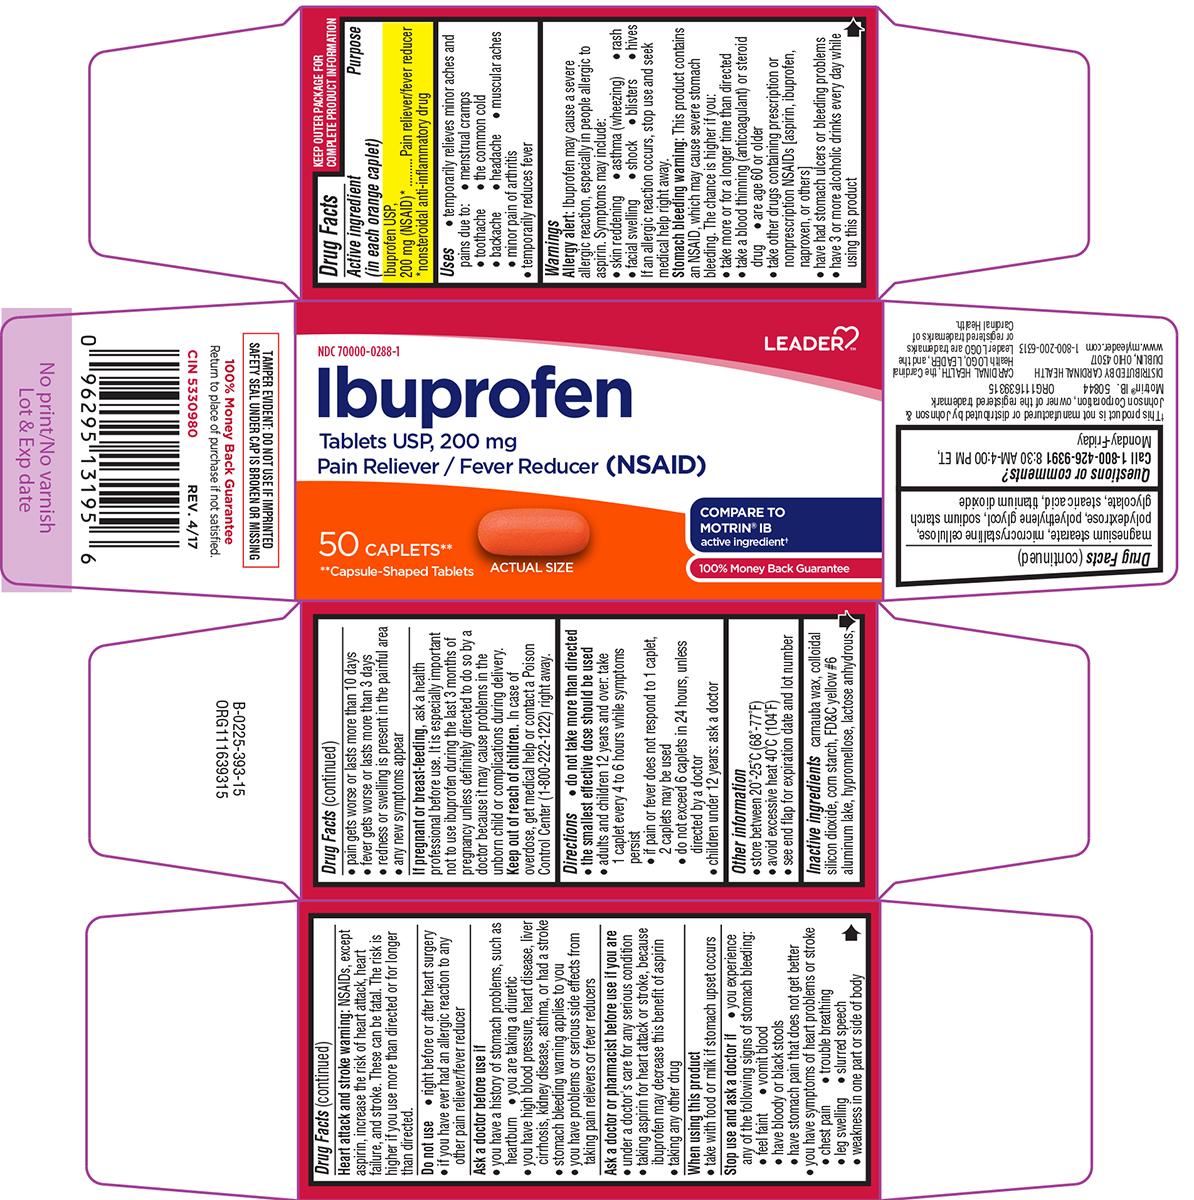 Ibuprofen (Ibuprofen)